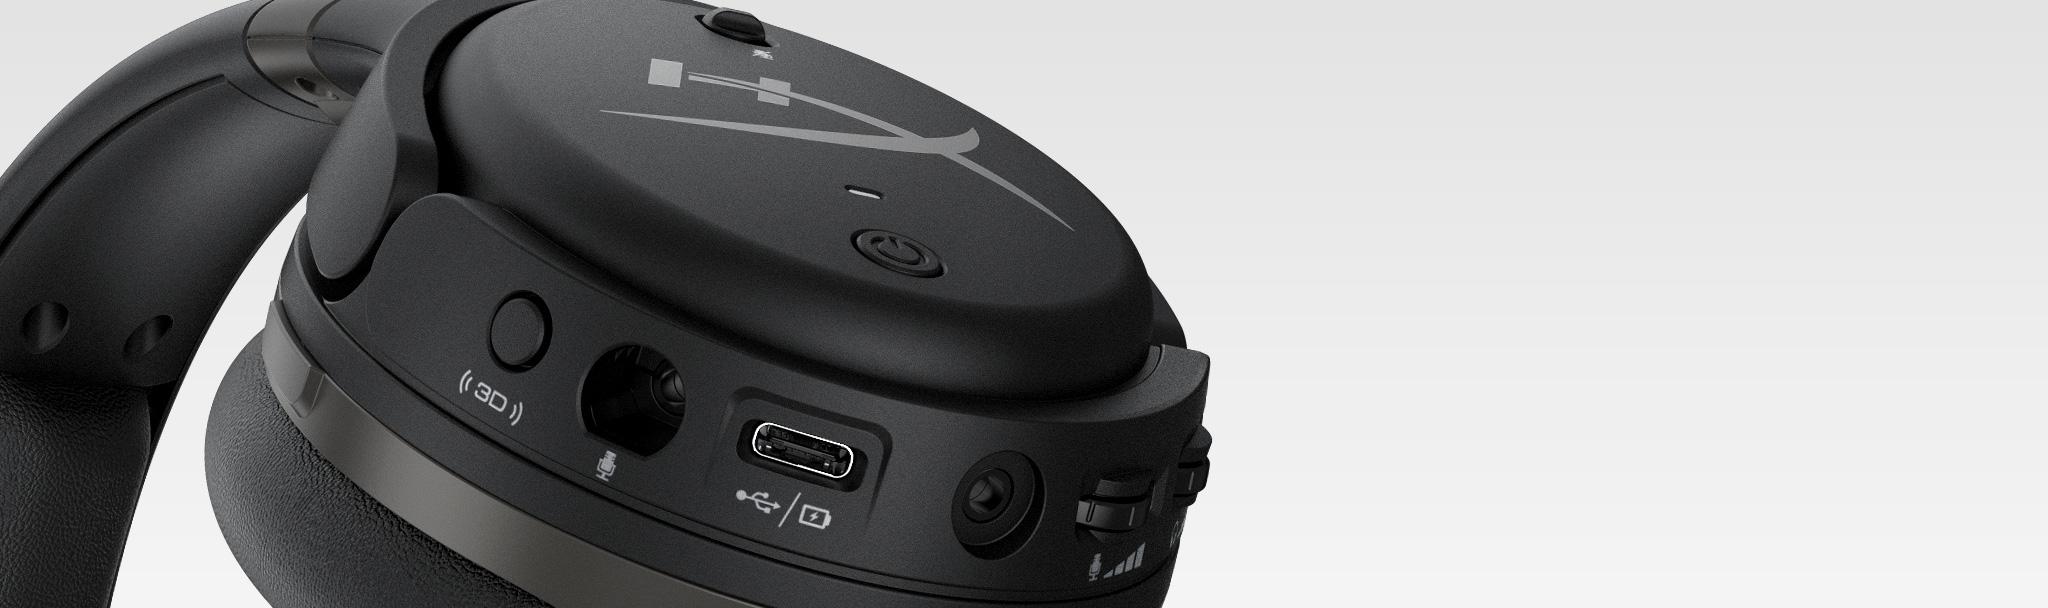 Tai nghe Kingston HyperX Cloud Orbit S Gaming Black (HX-HSCOS-GM/WW) có thể dễ dàng điều chỉnh ngay ở trên củ tai